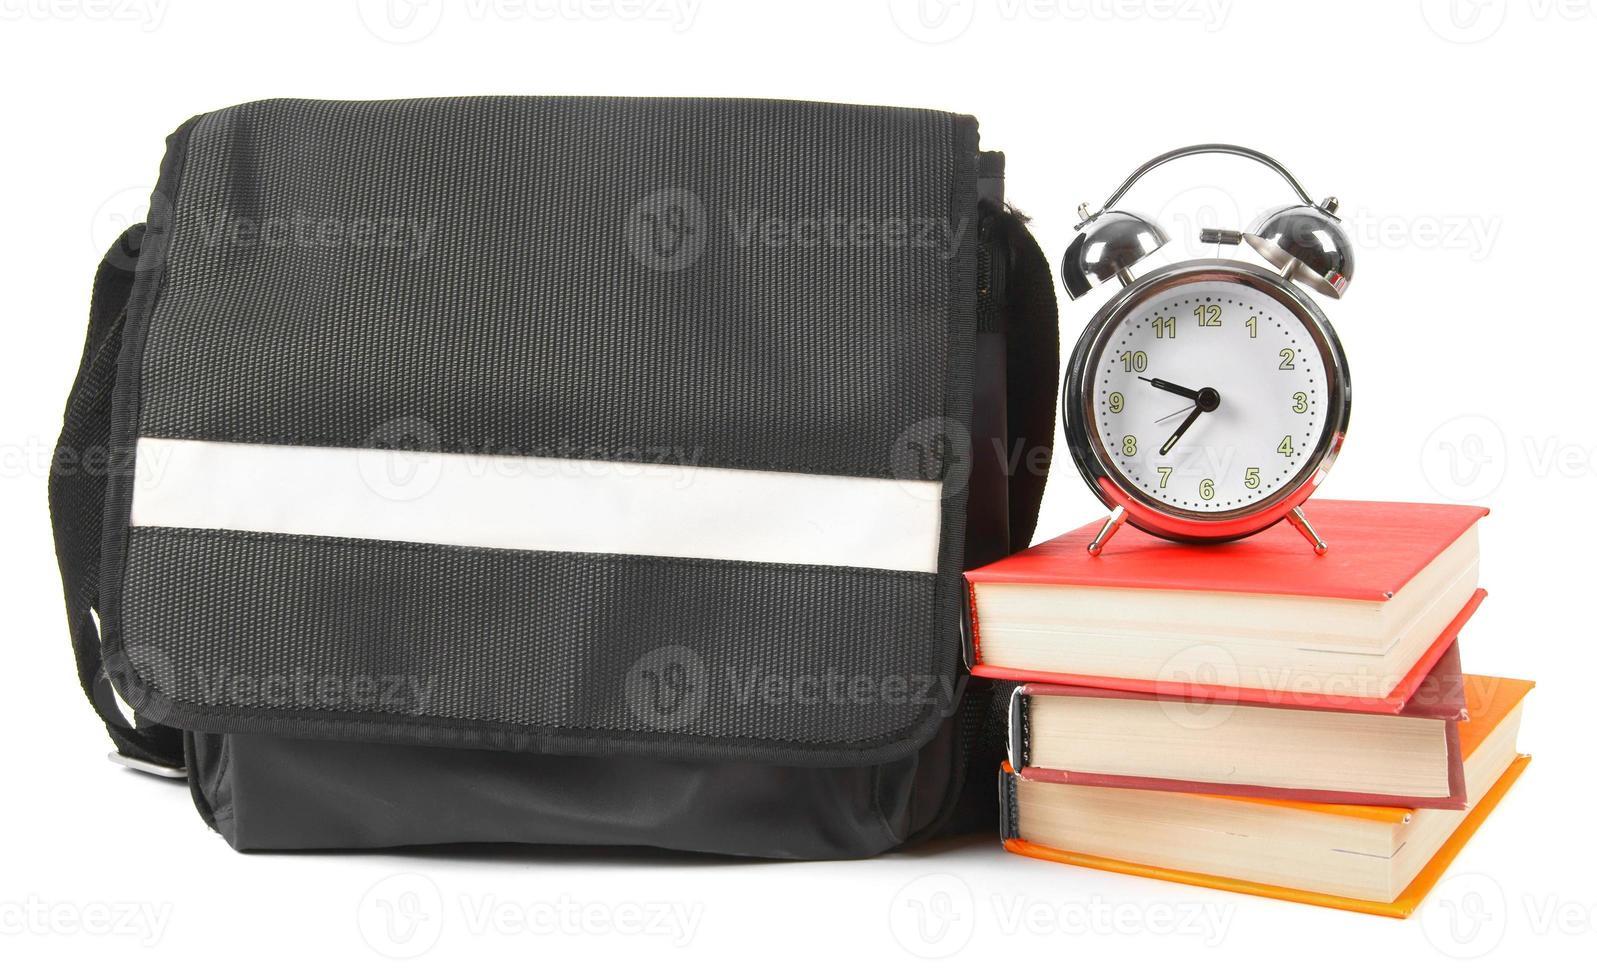 mochila escolar, livros e despertador. foto